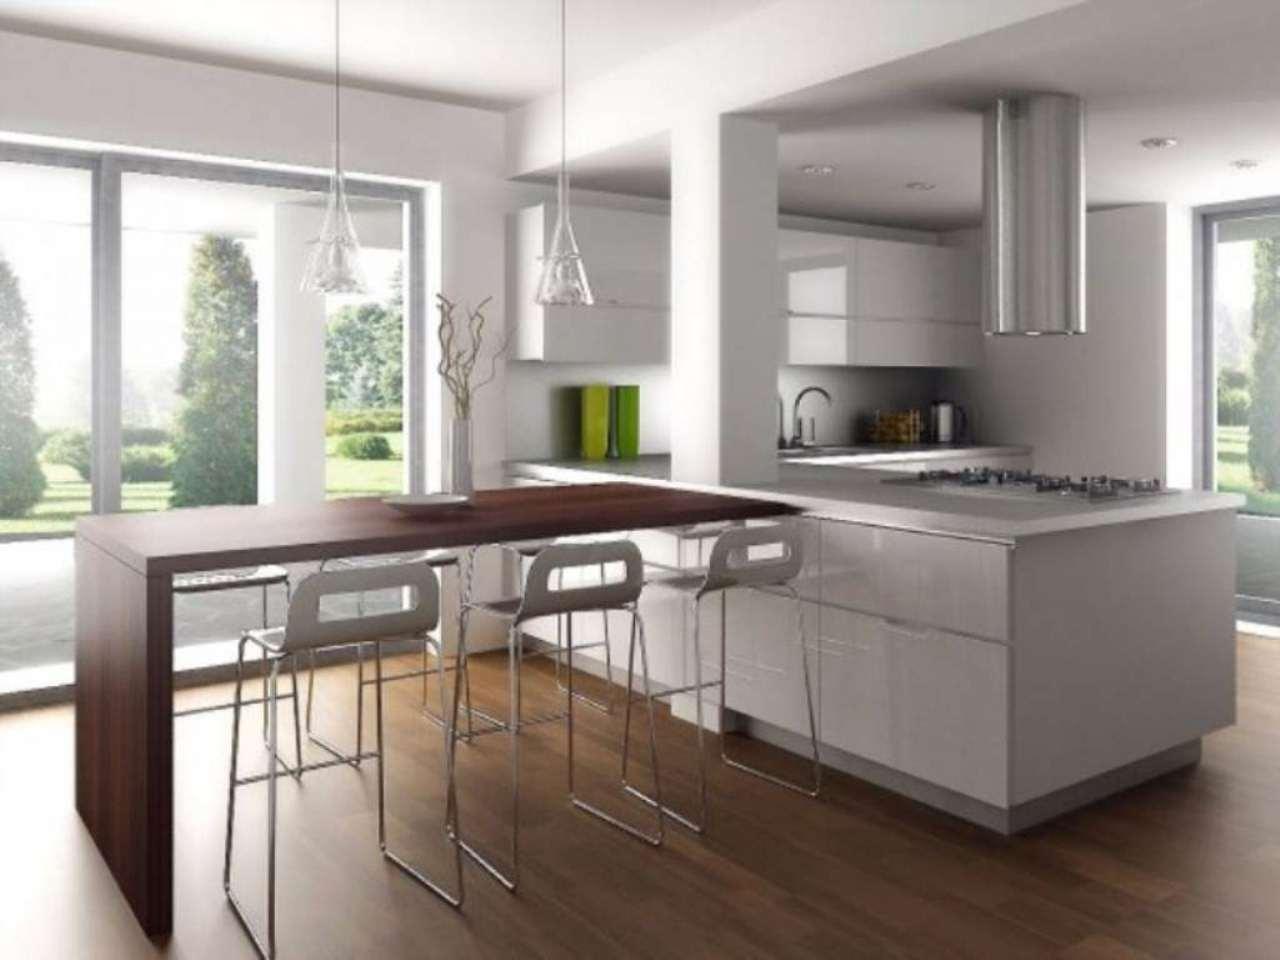 Villa in vendita a Cagno, 4 locali, prezzo € 395.000 | Cambio Casa.it